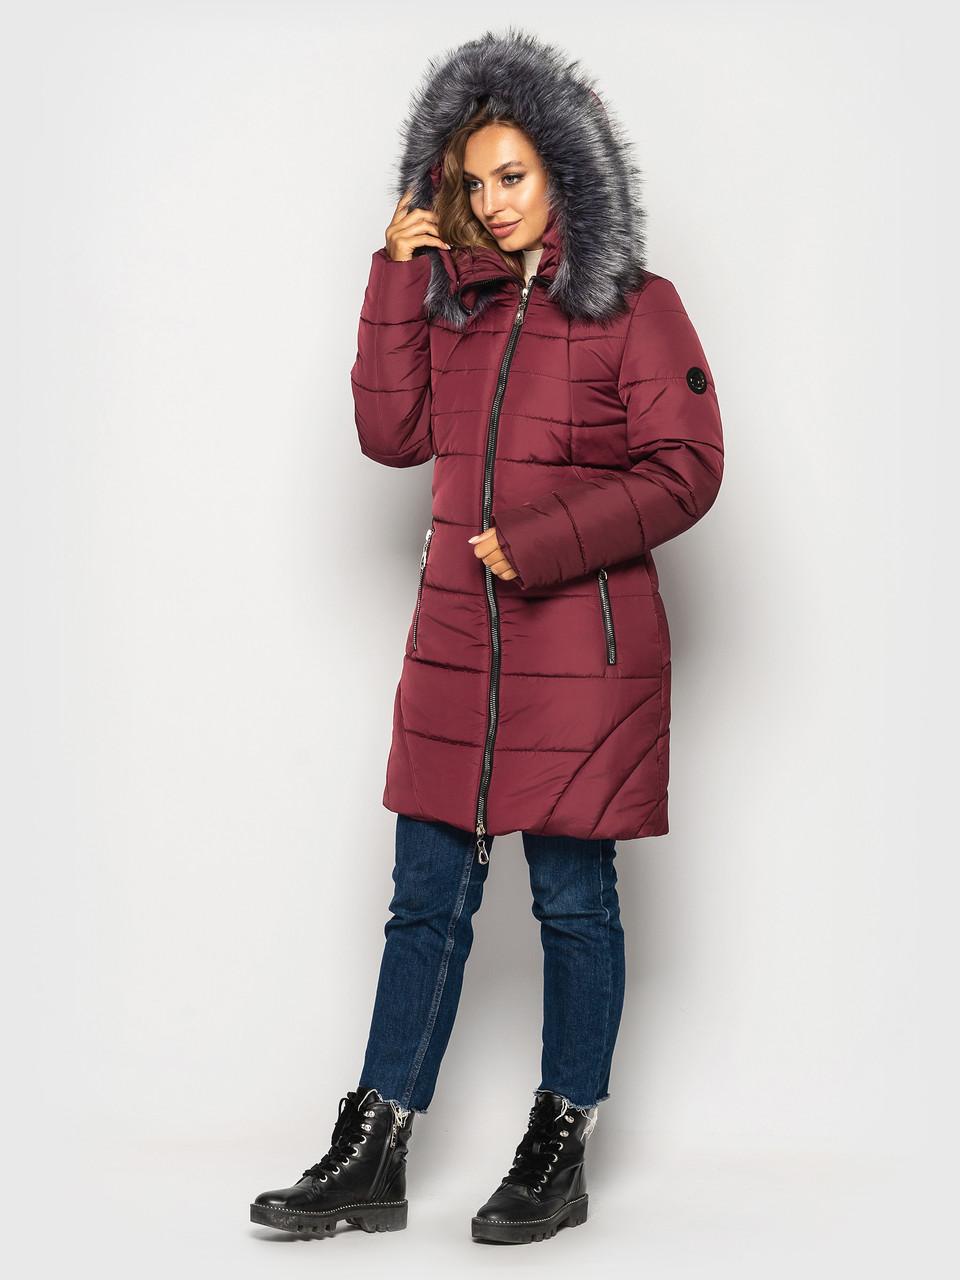 """Теплая зимняя женская куртка """"I-77"""" (цвет: черный/темно-синий/бордовый/зеленый; размер: 50/52/54/56/58/60)"""